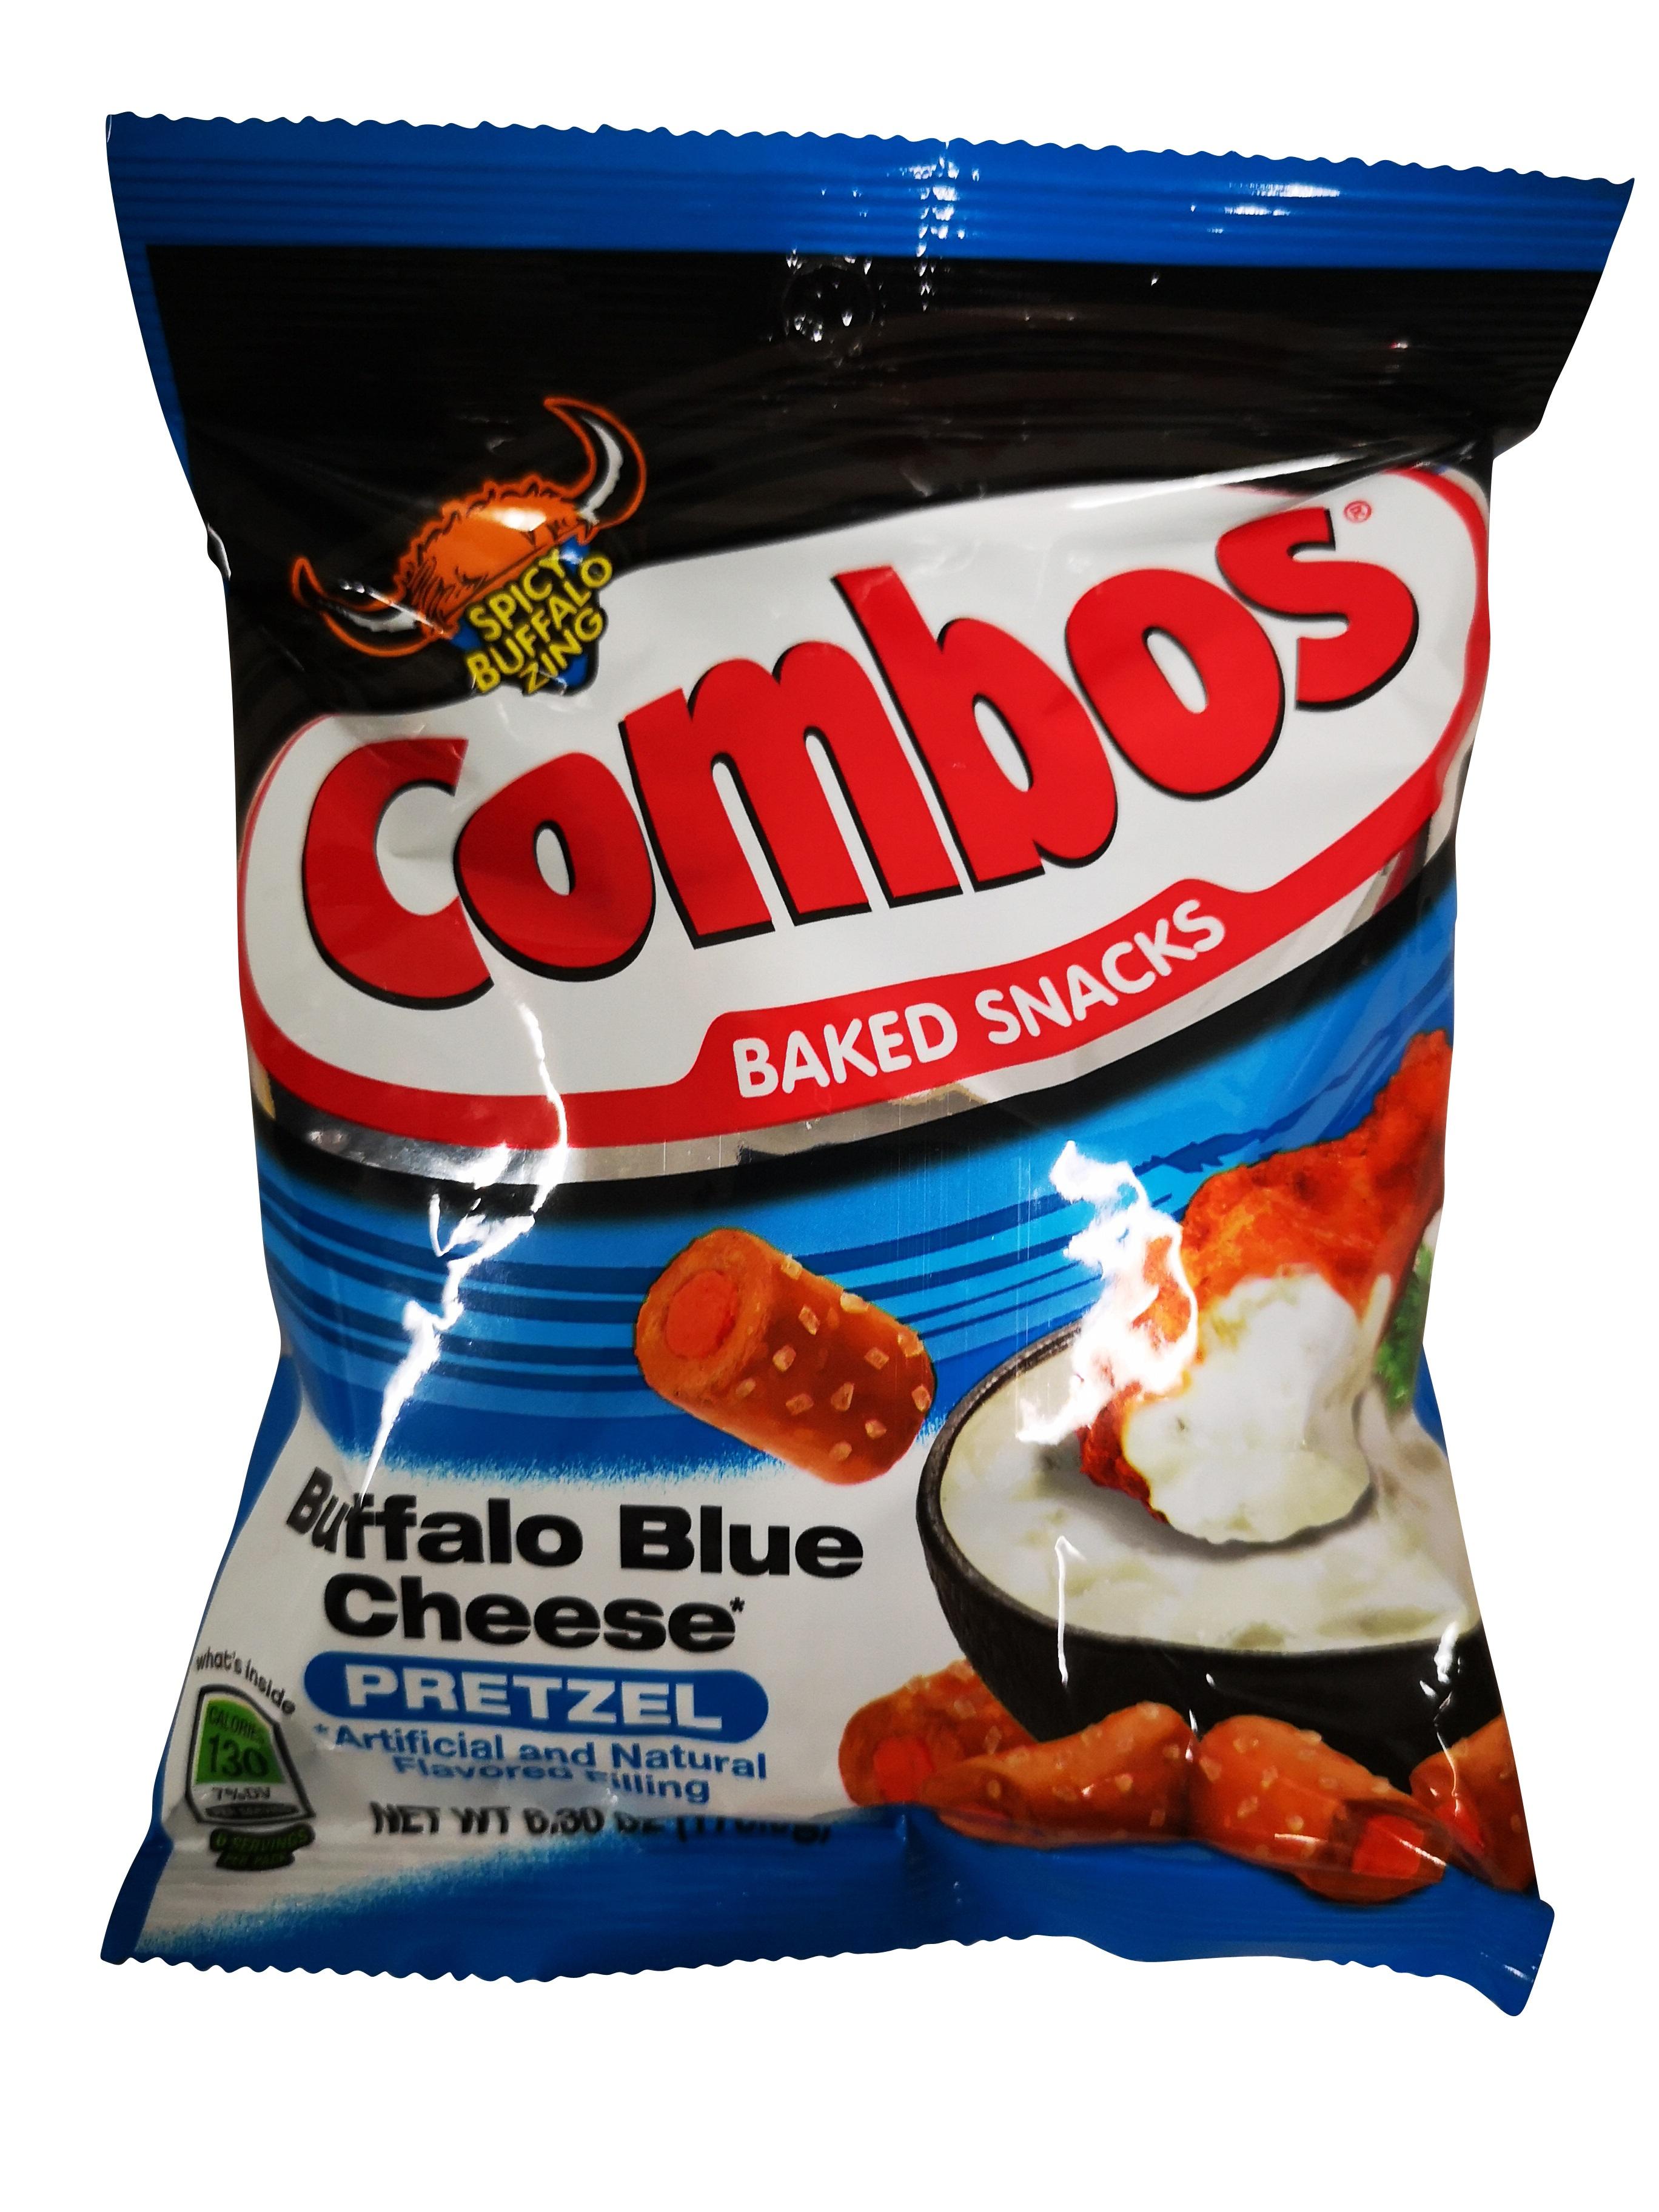 Buffalo Blue Cheese Pretzel Combos